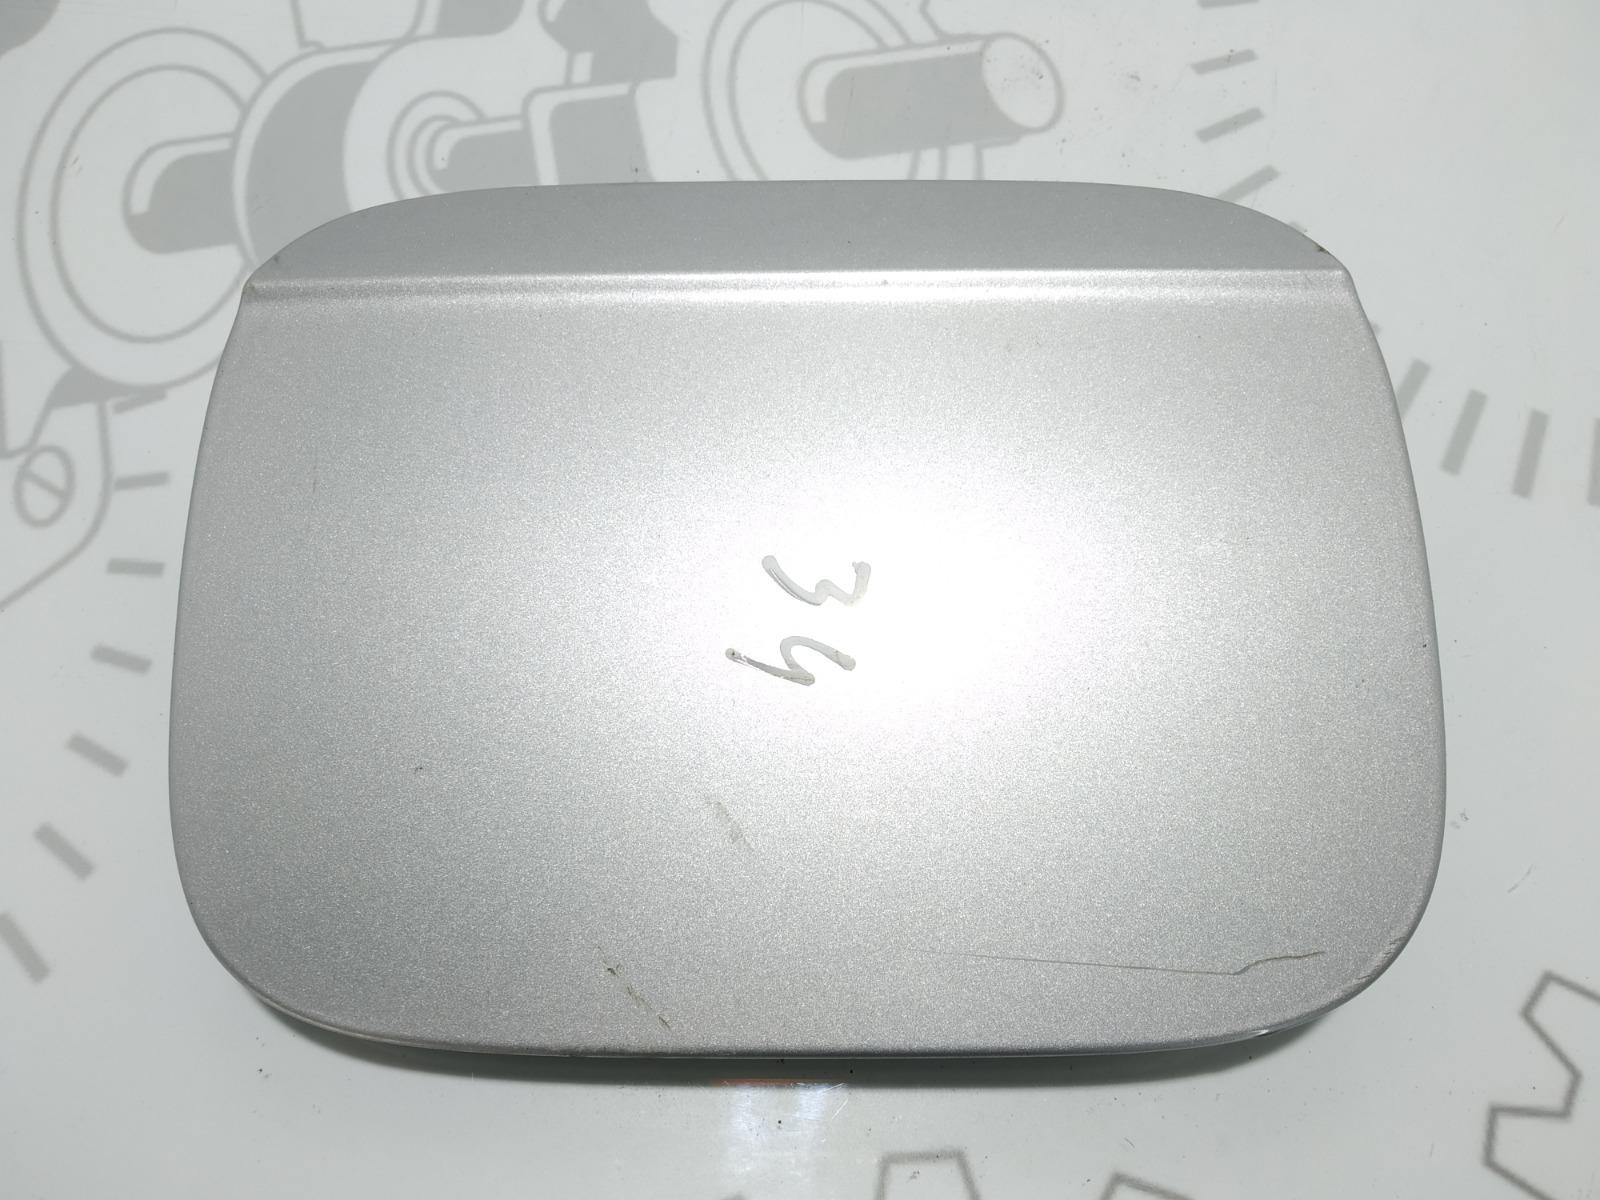 Лючок топливного бака Audi A4 B7 2.0 TFSI 2006 (б/у)